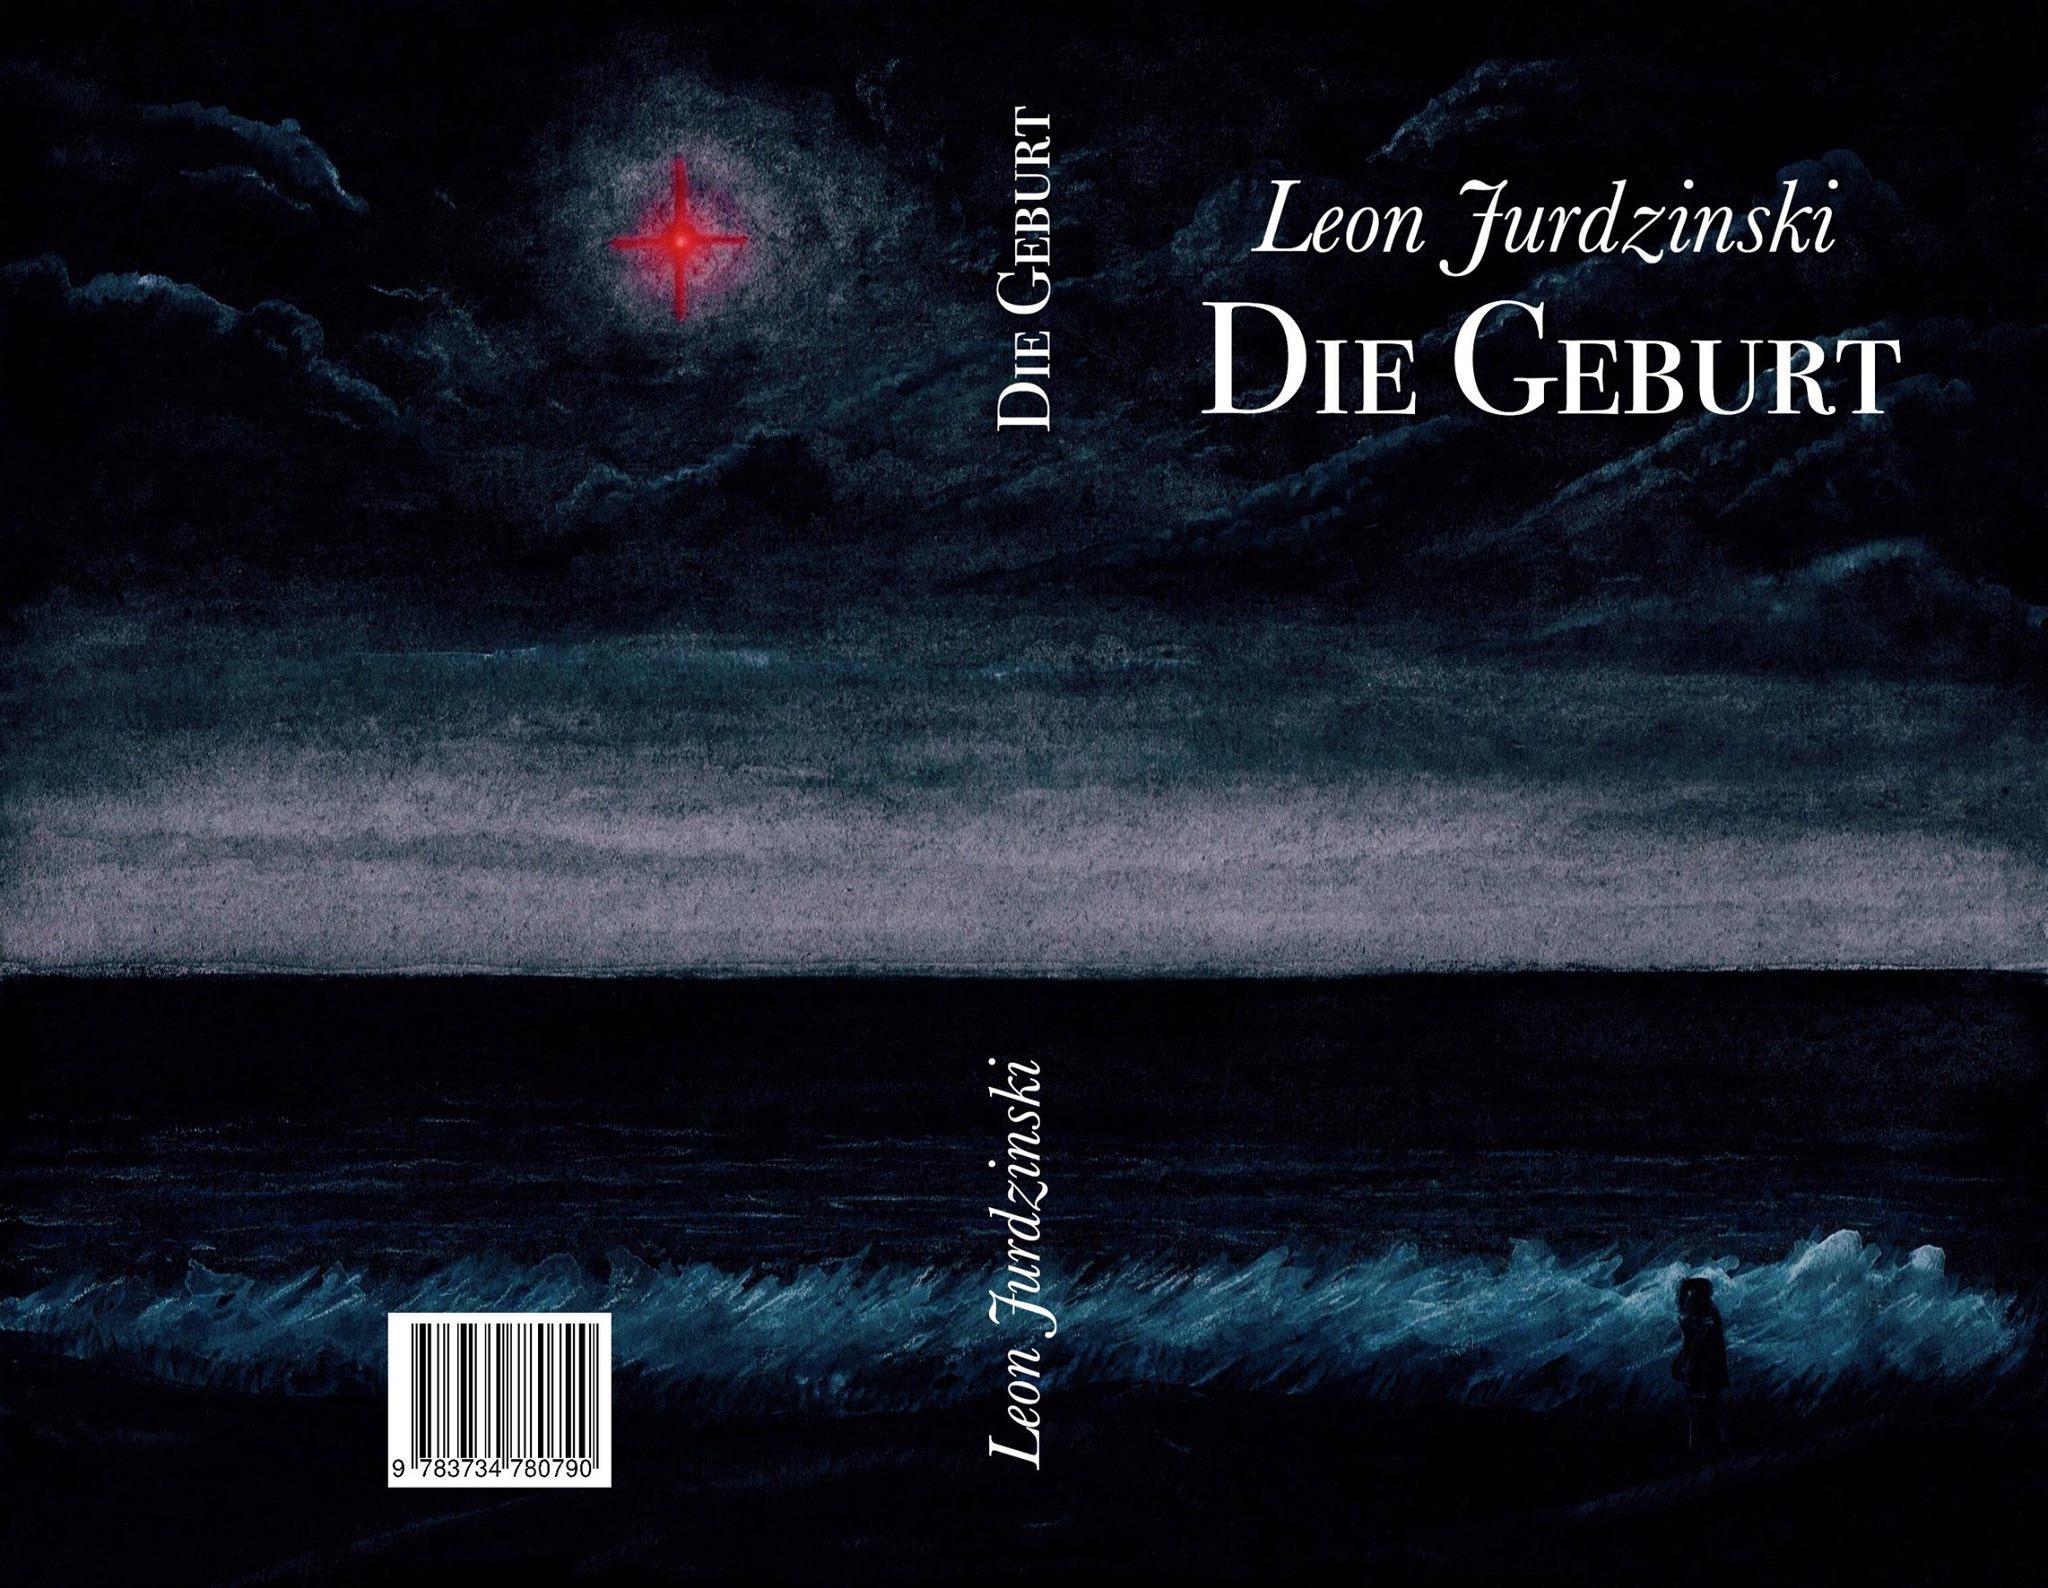 Buch-Cover für Leon Jurdzinski